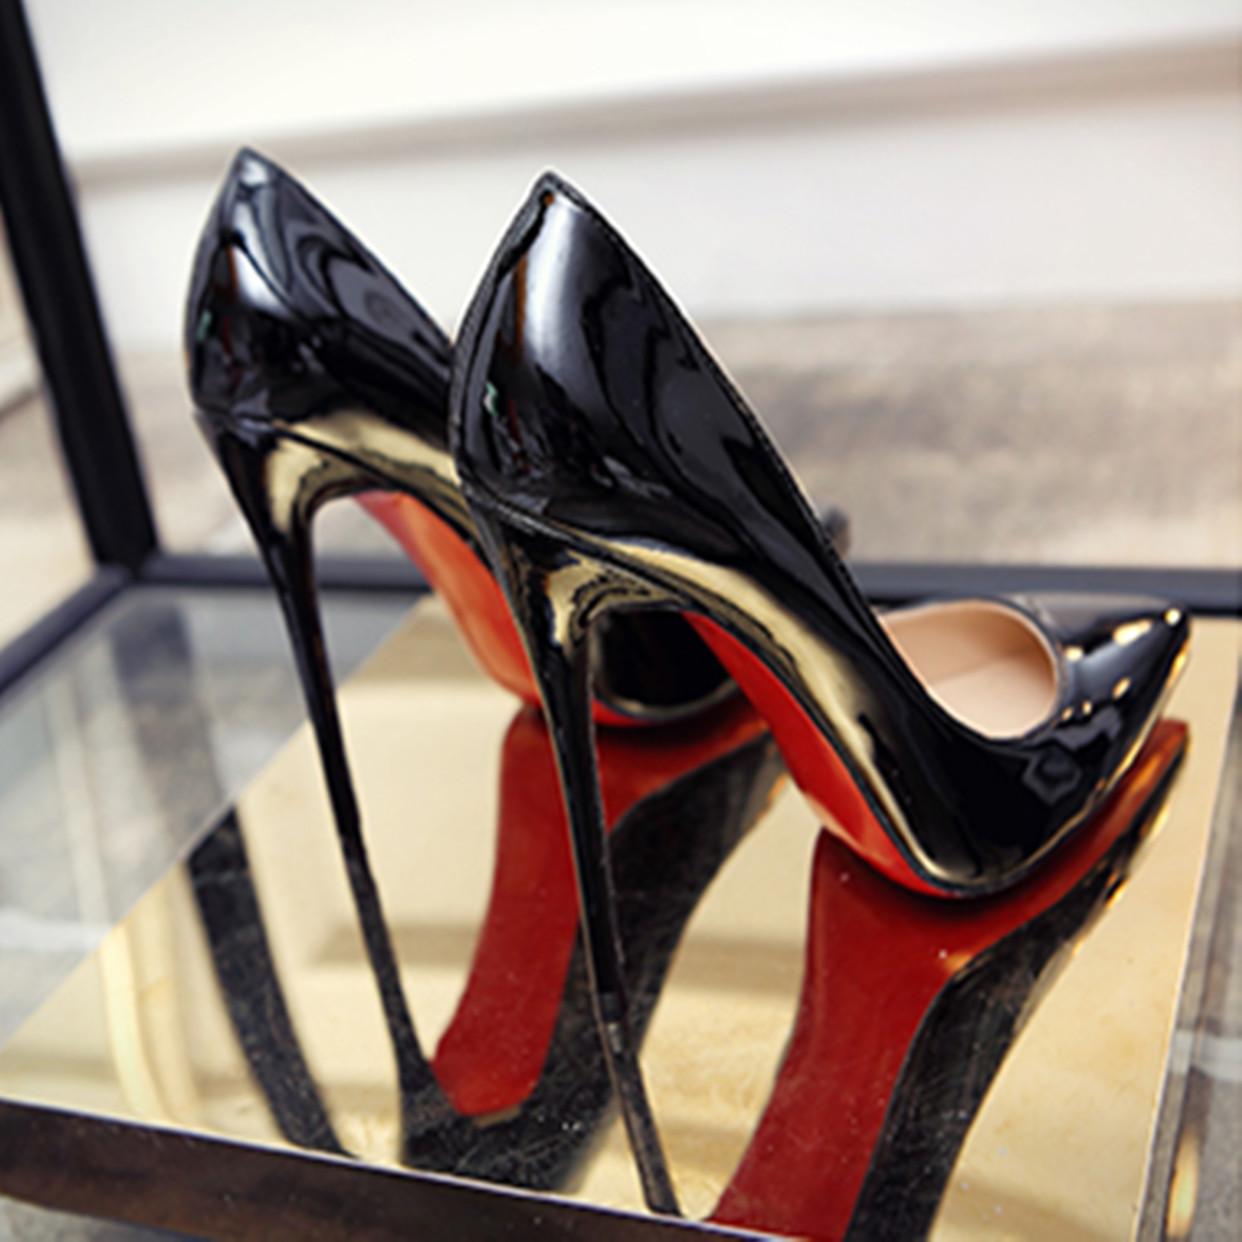 时尚高跟鞋 欧洲站时尚黑色12cm10cm8cm超高跟鞋细跟银色尖头浅口鞋职业女鞋_推荐淘宝好看的女时尚高跟鞋